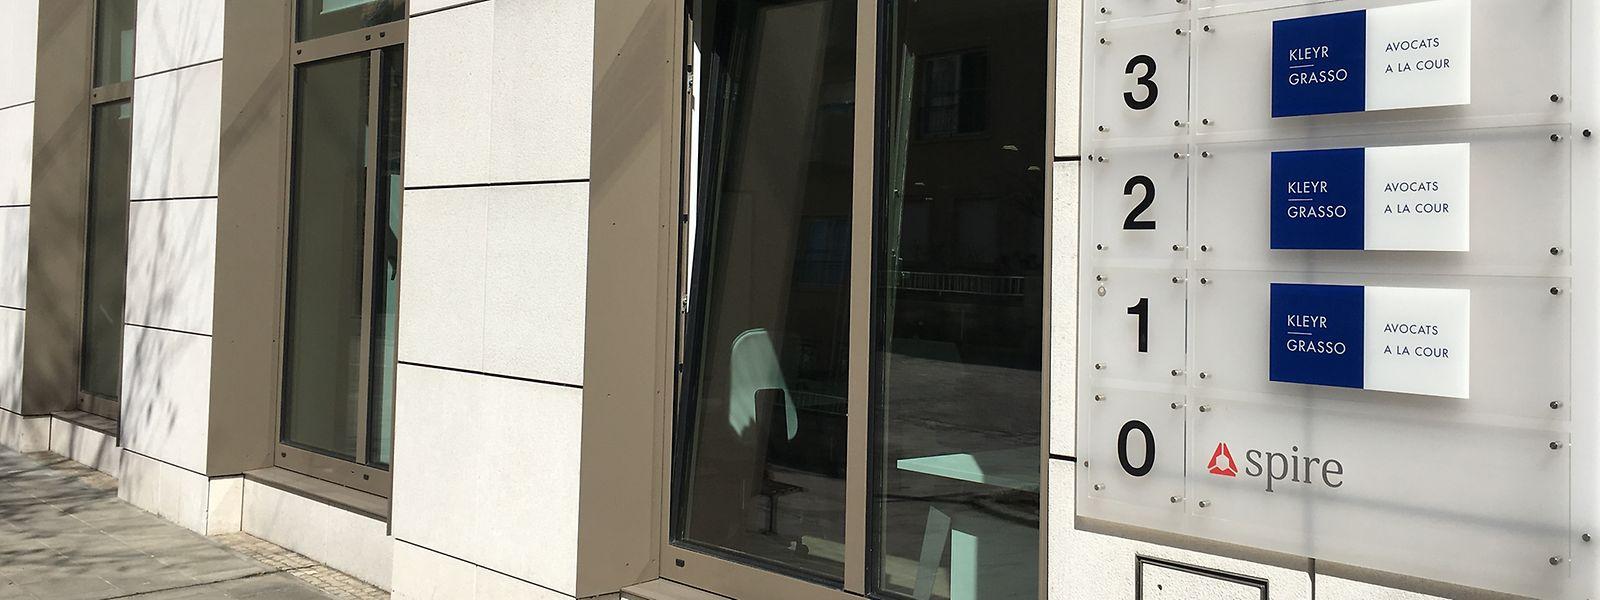 Spire Global a emménagé dans ses nouveaux locaux, en face de la clinique Zitha, près de la gare